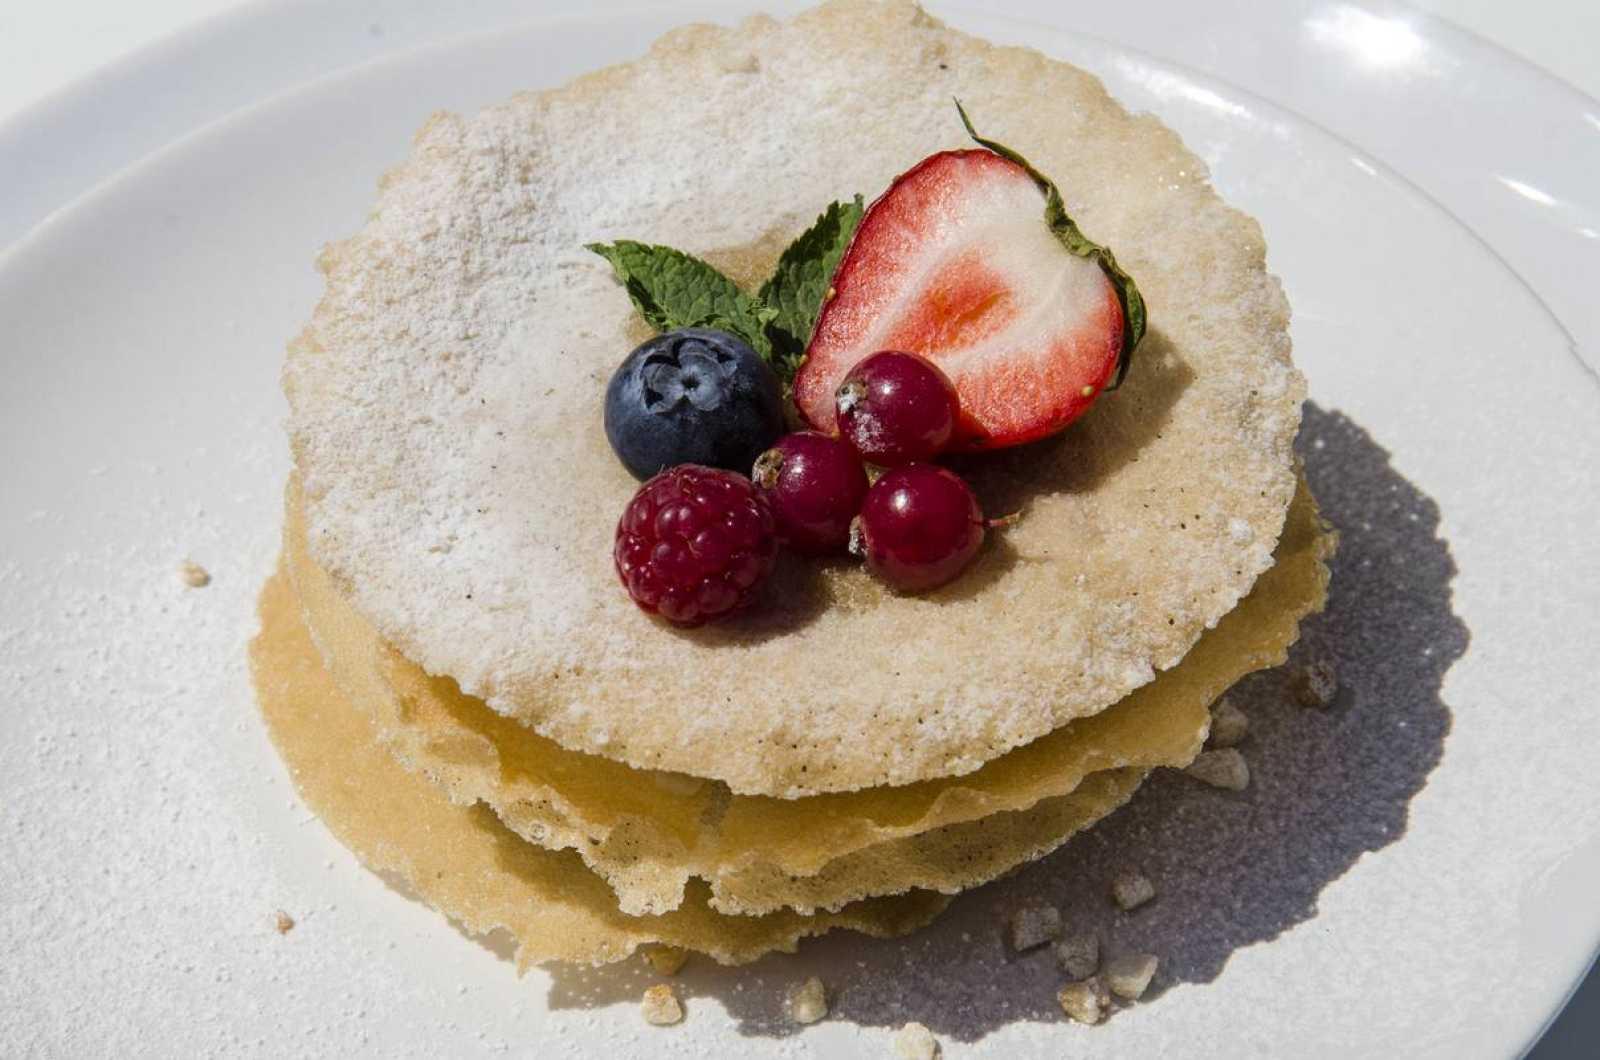 Tarta de milhjojas con crema pastelera, frutos rojos y almendra garrapiñada